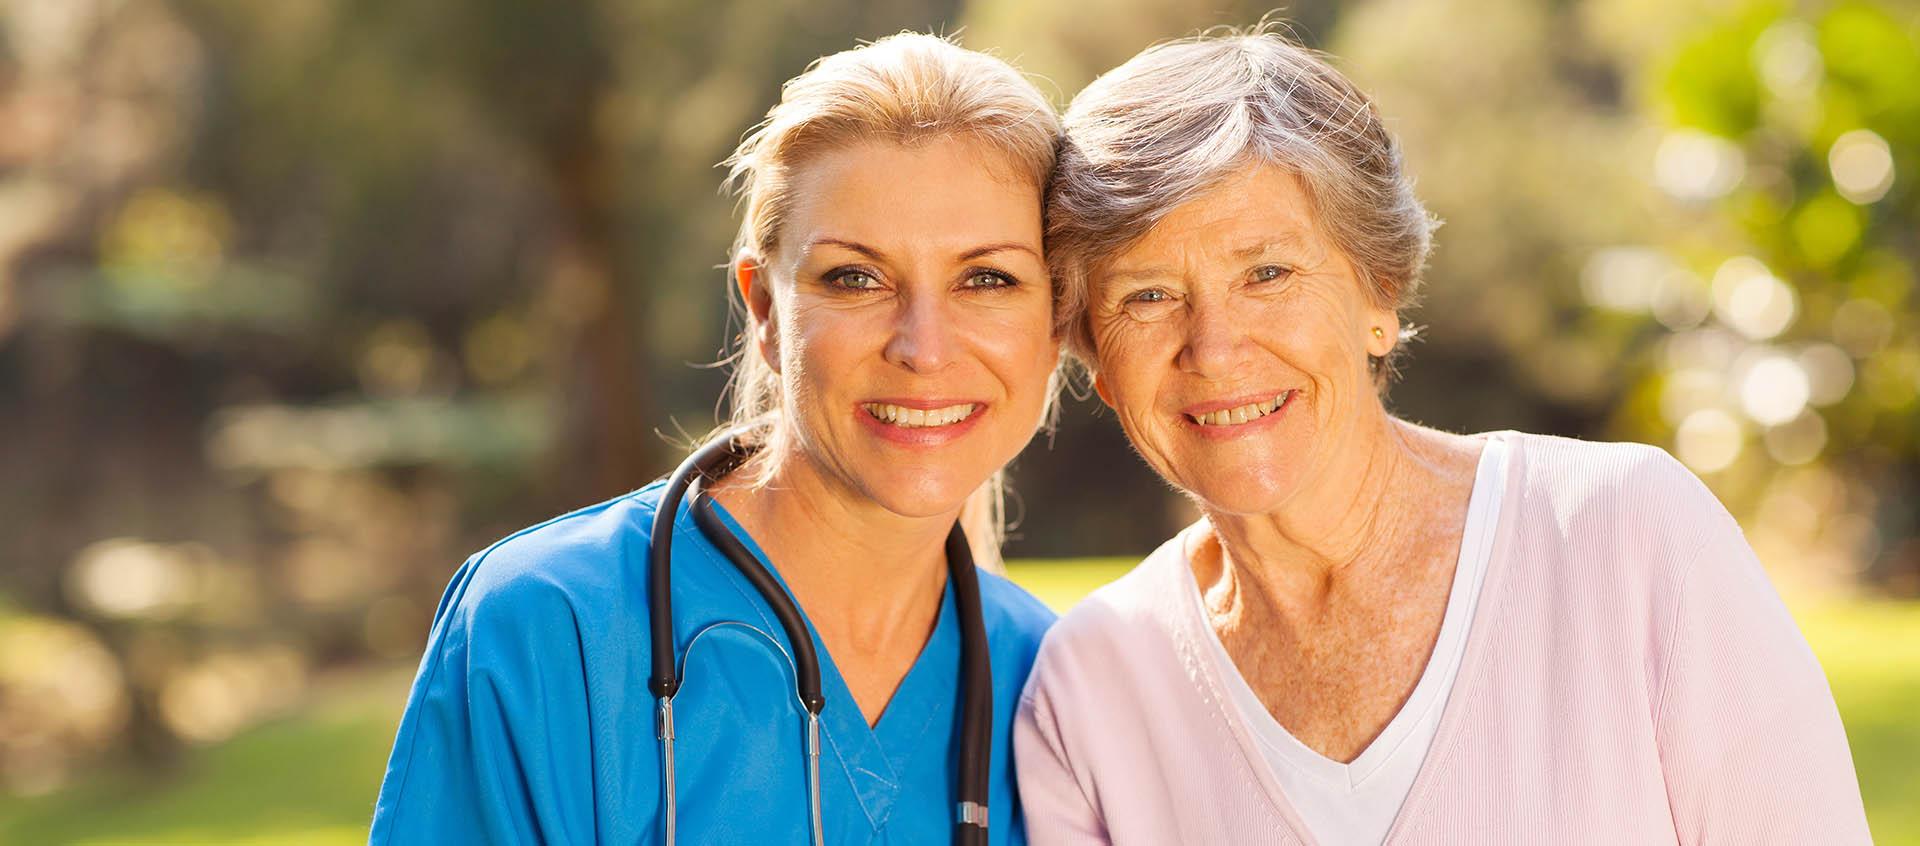 Niemiecki dla branży medycznej i opiekuńczej